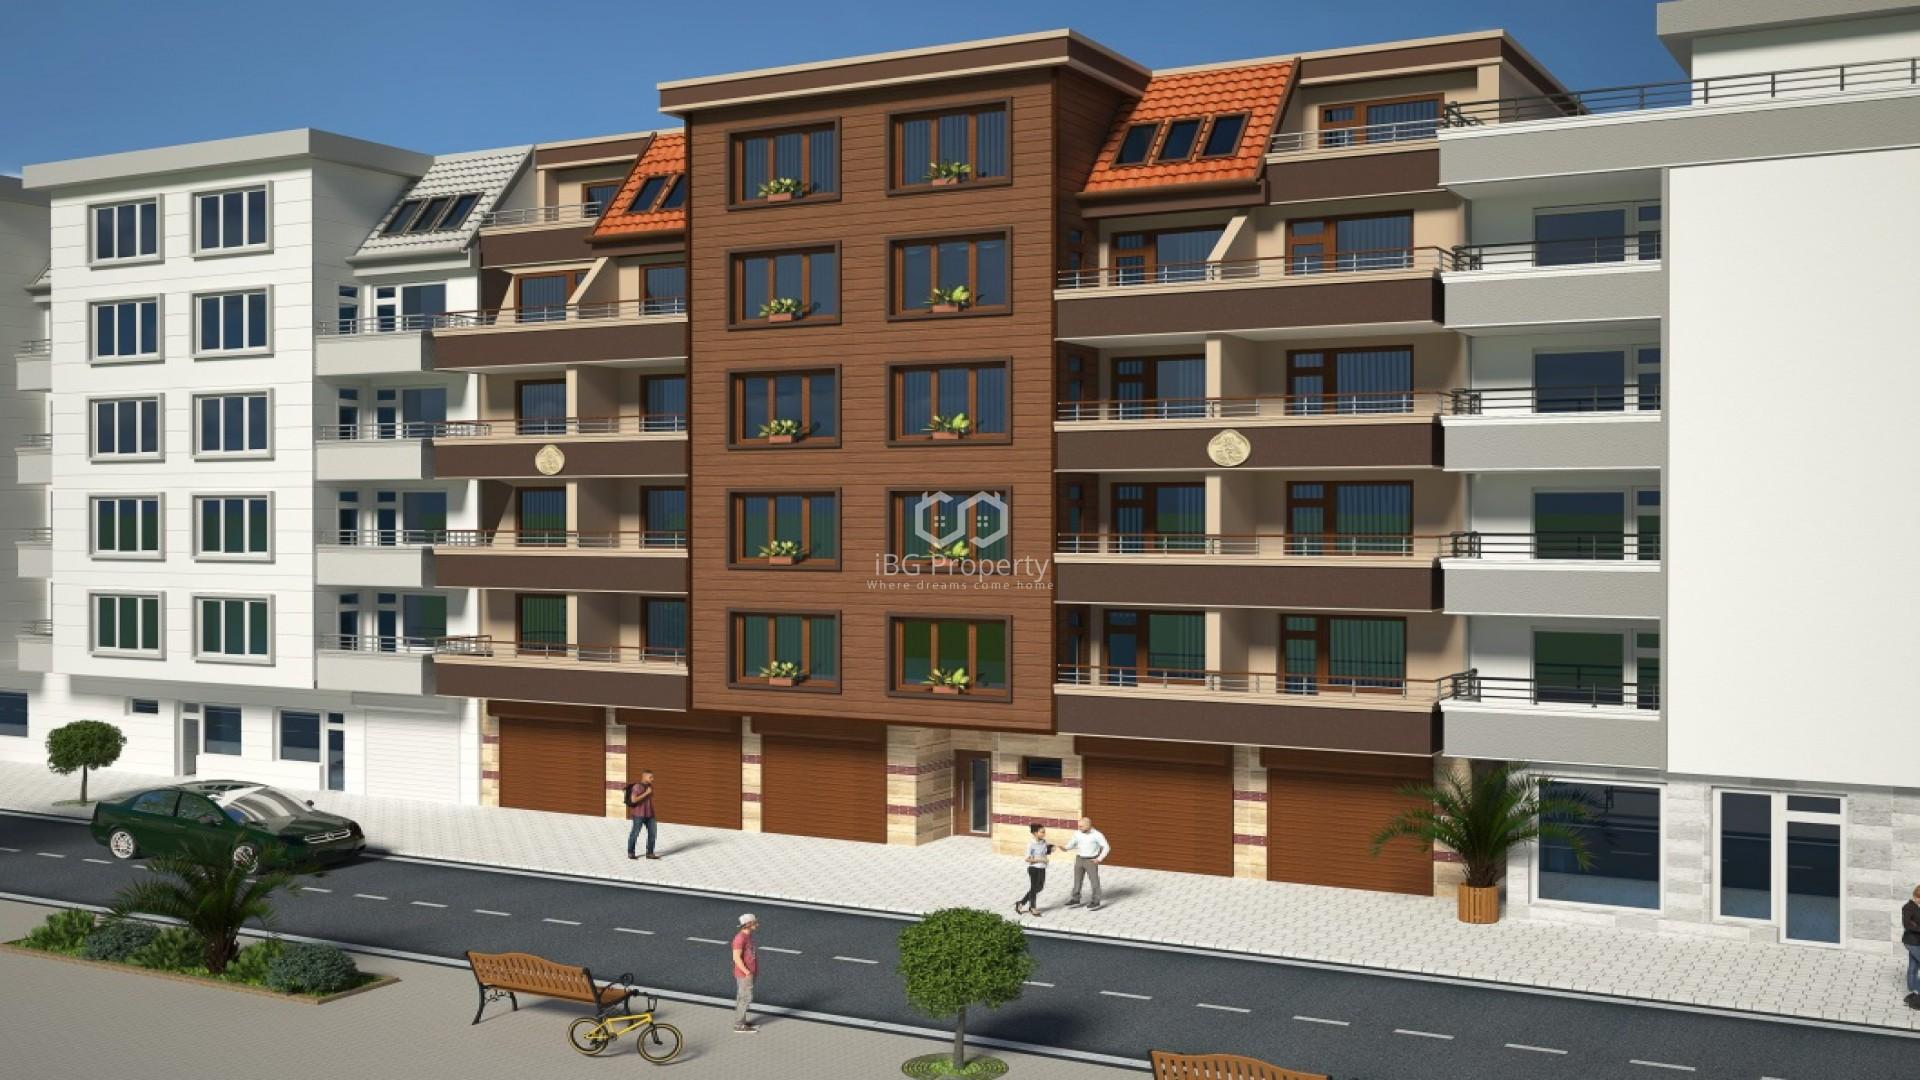 Трехкомнатная квартира Поморие 64 m2